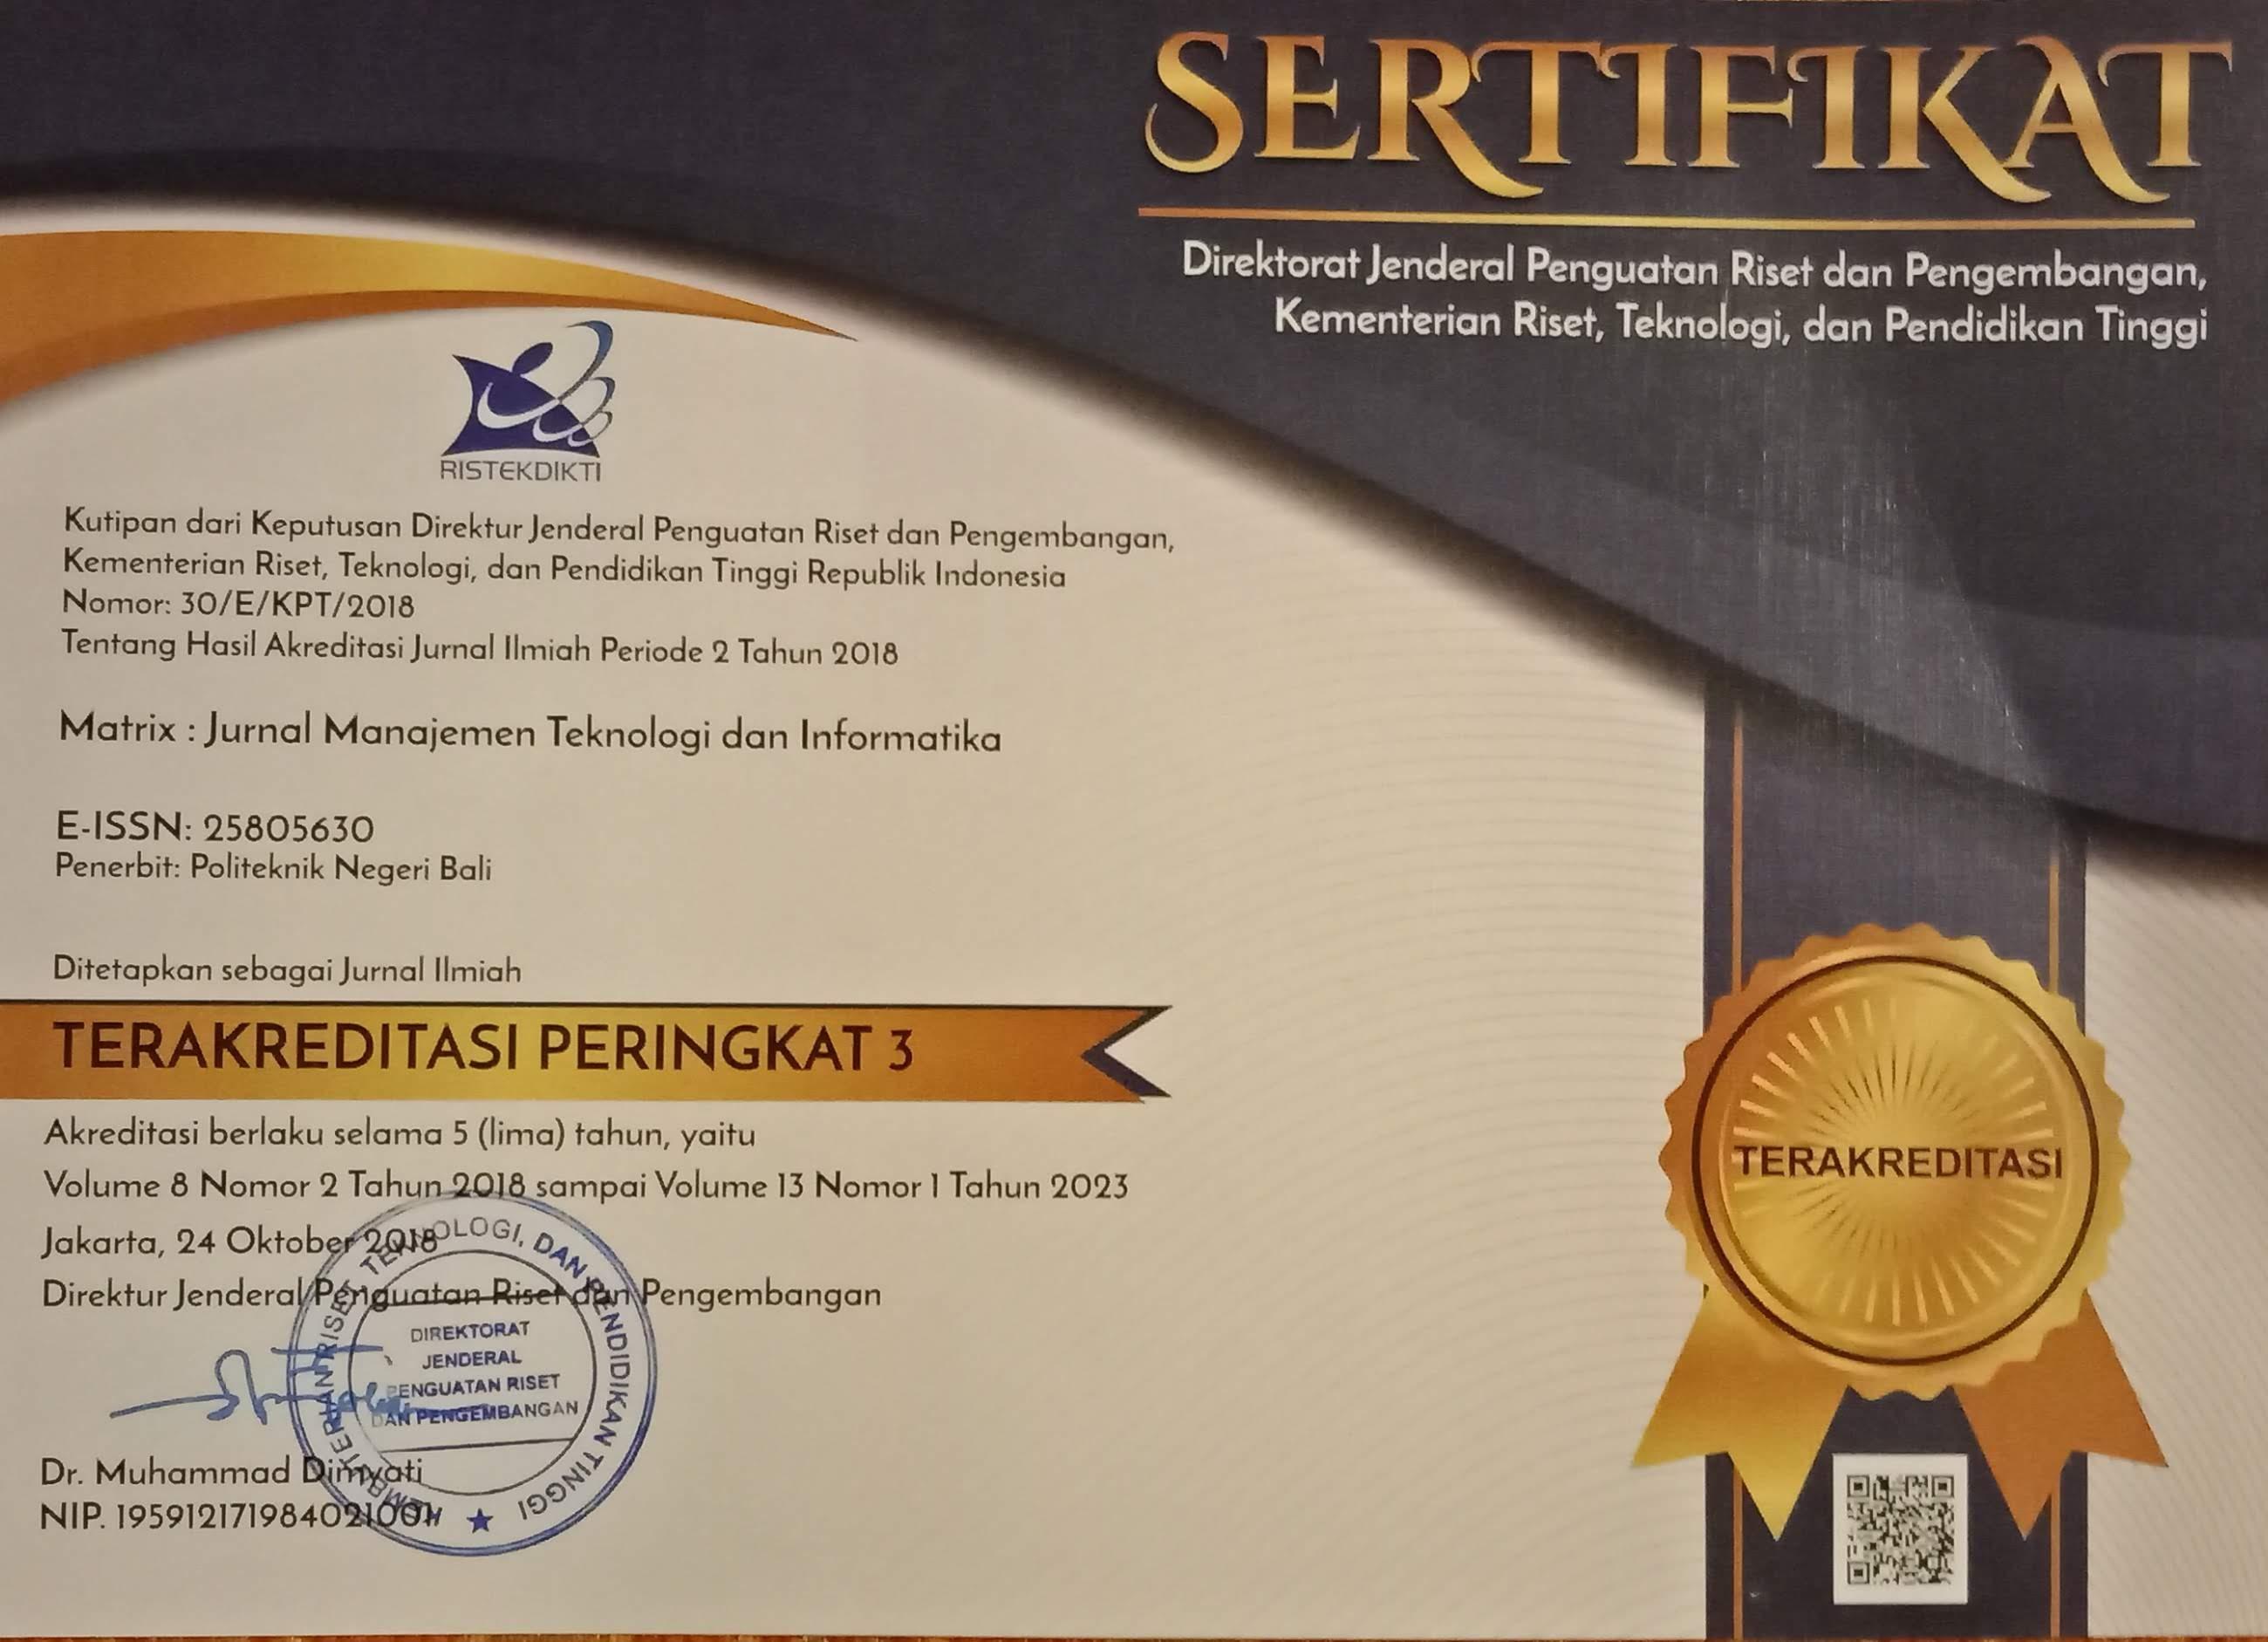 Sertifikat Akreditasi Jurnal MATRIX